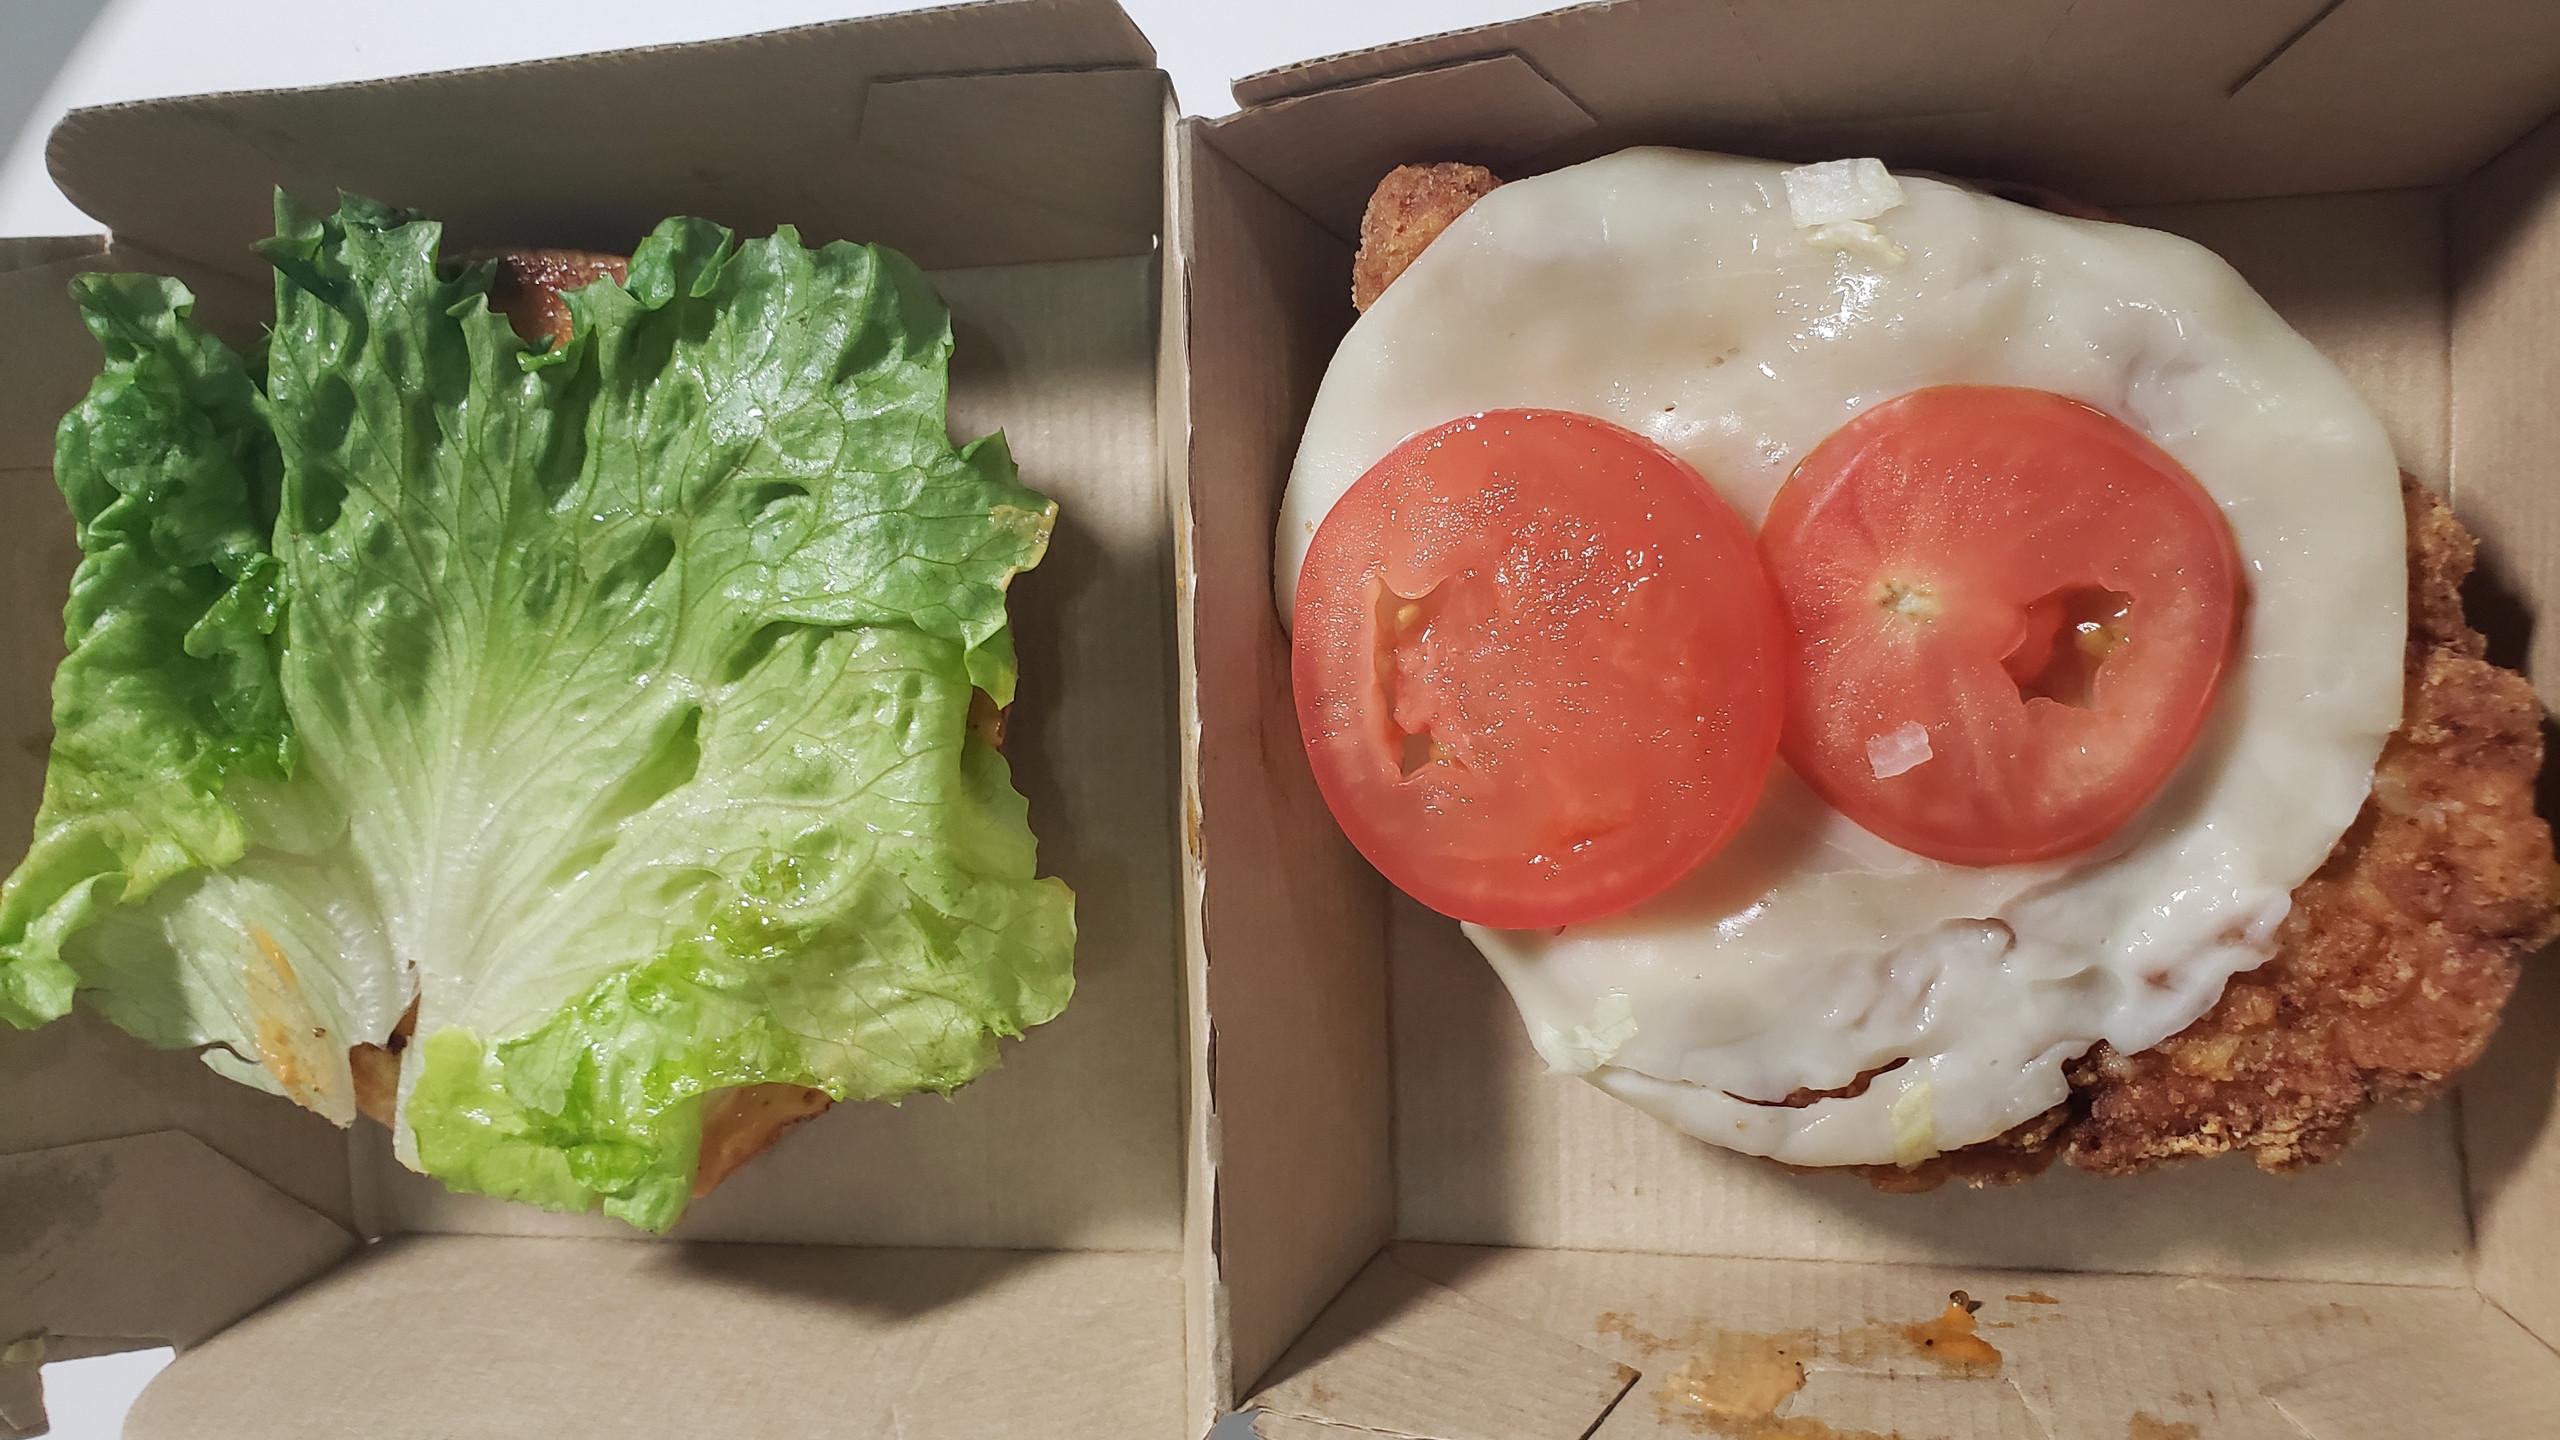 McDonald's Tomato & Mozzarella Crispy Chicken Sandwich